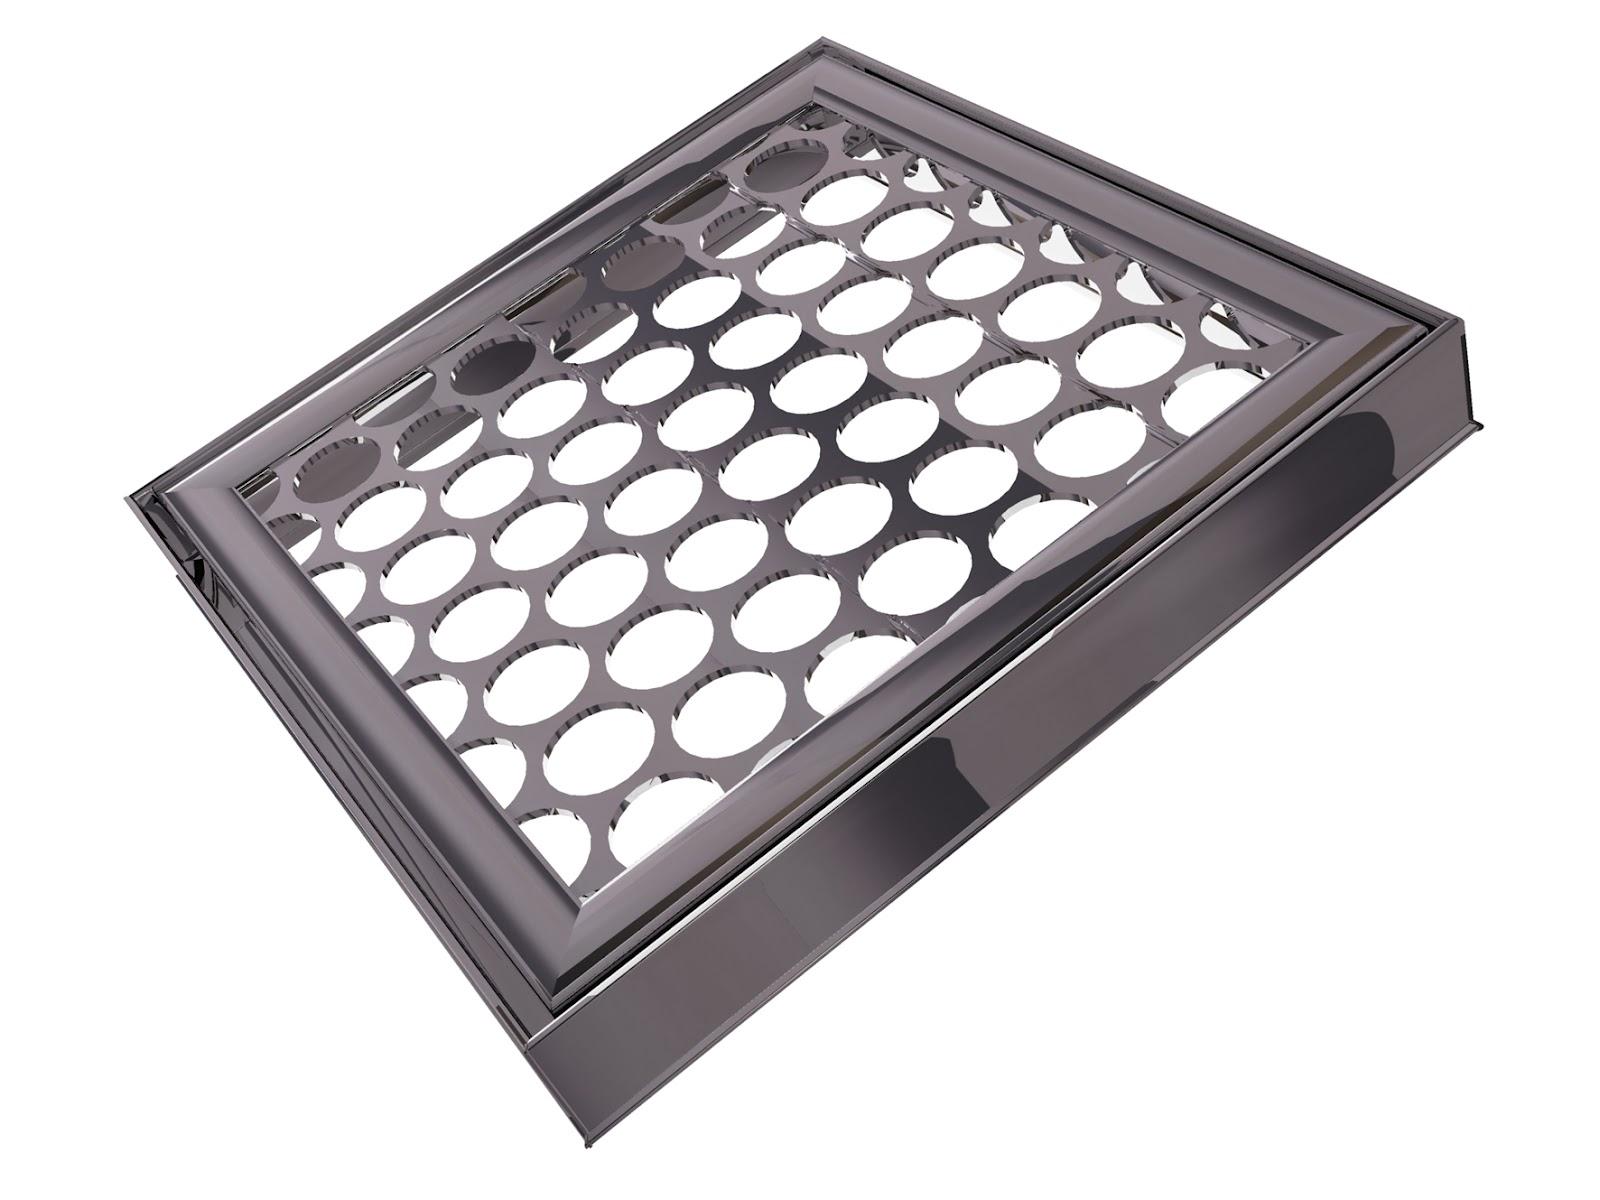 Grade protetora extra para ser acoplada a um ralo,aumentando seu poder de filtragem de resíduos